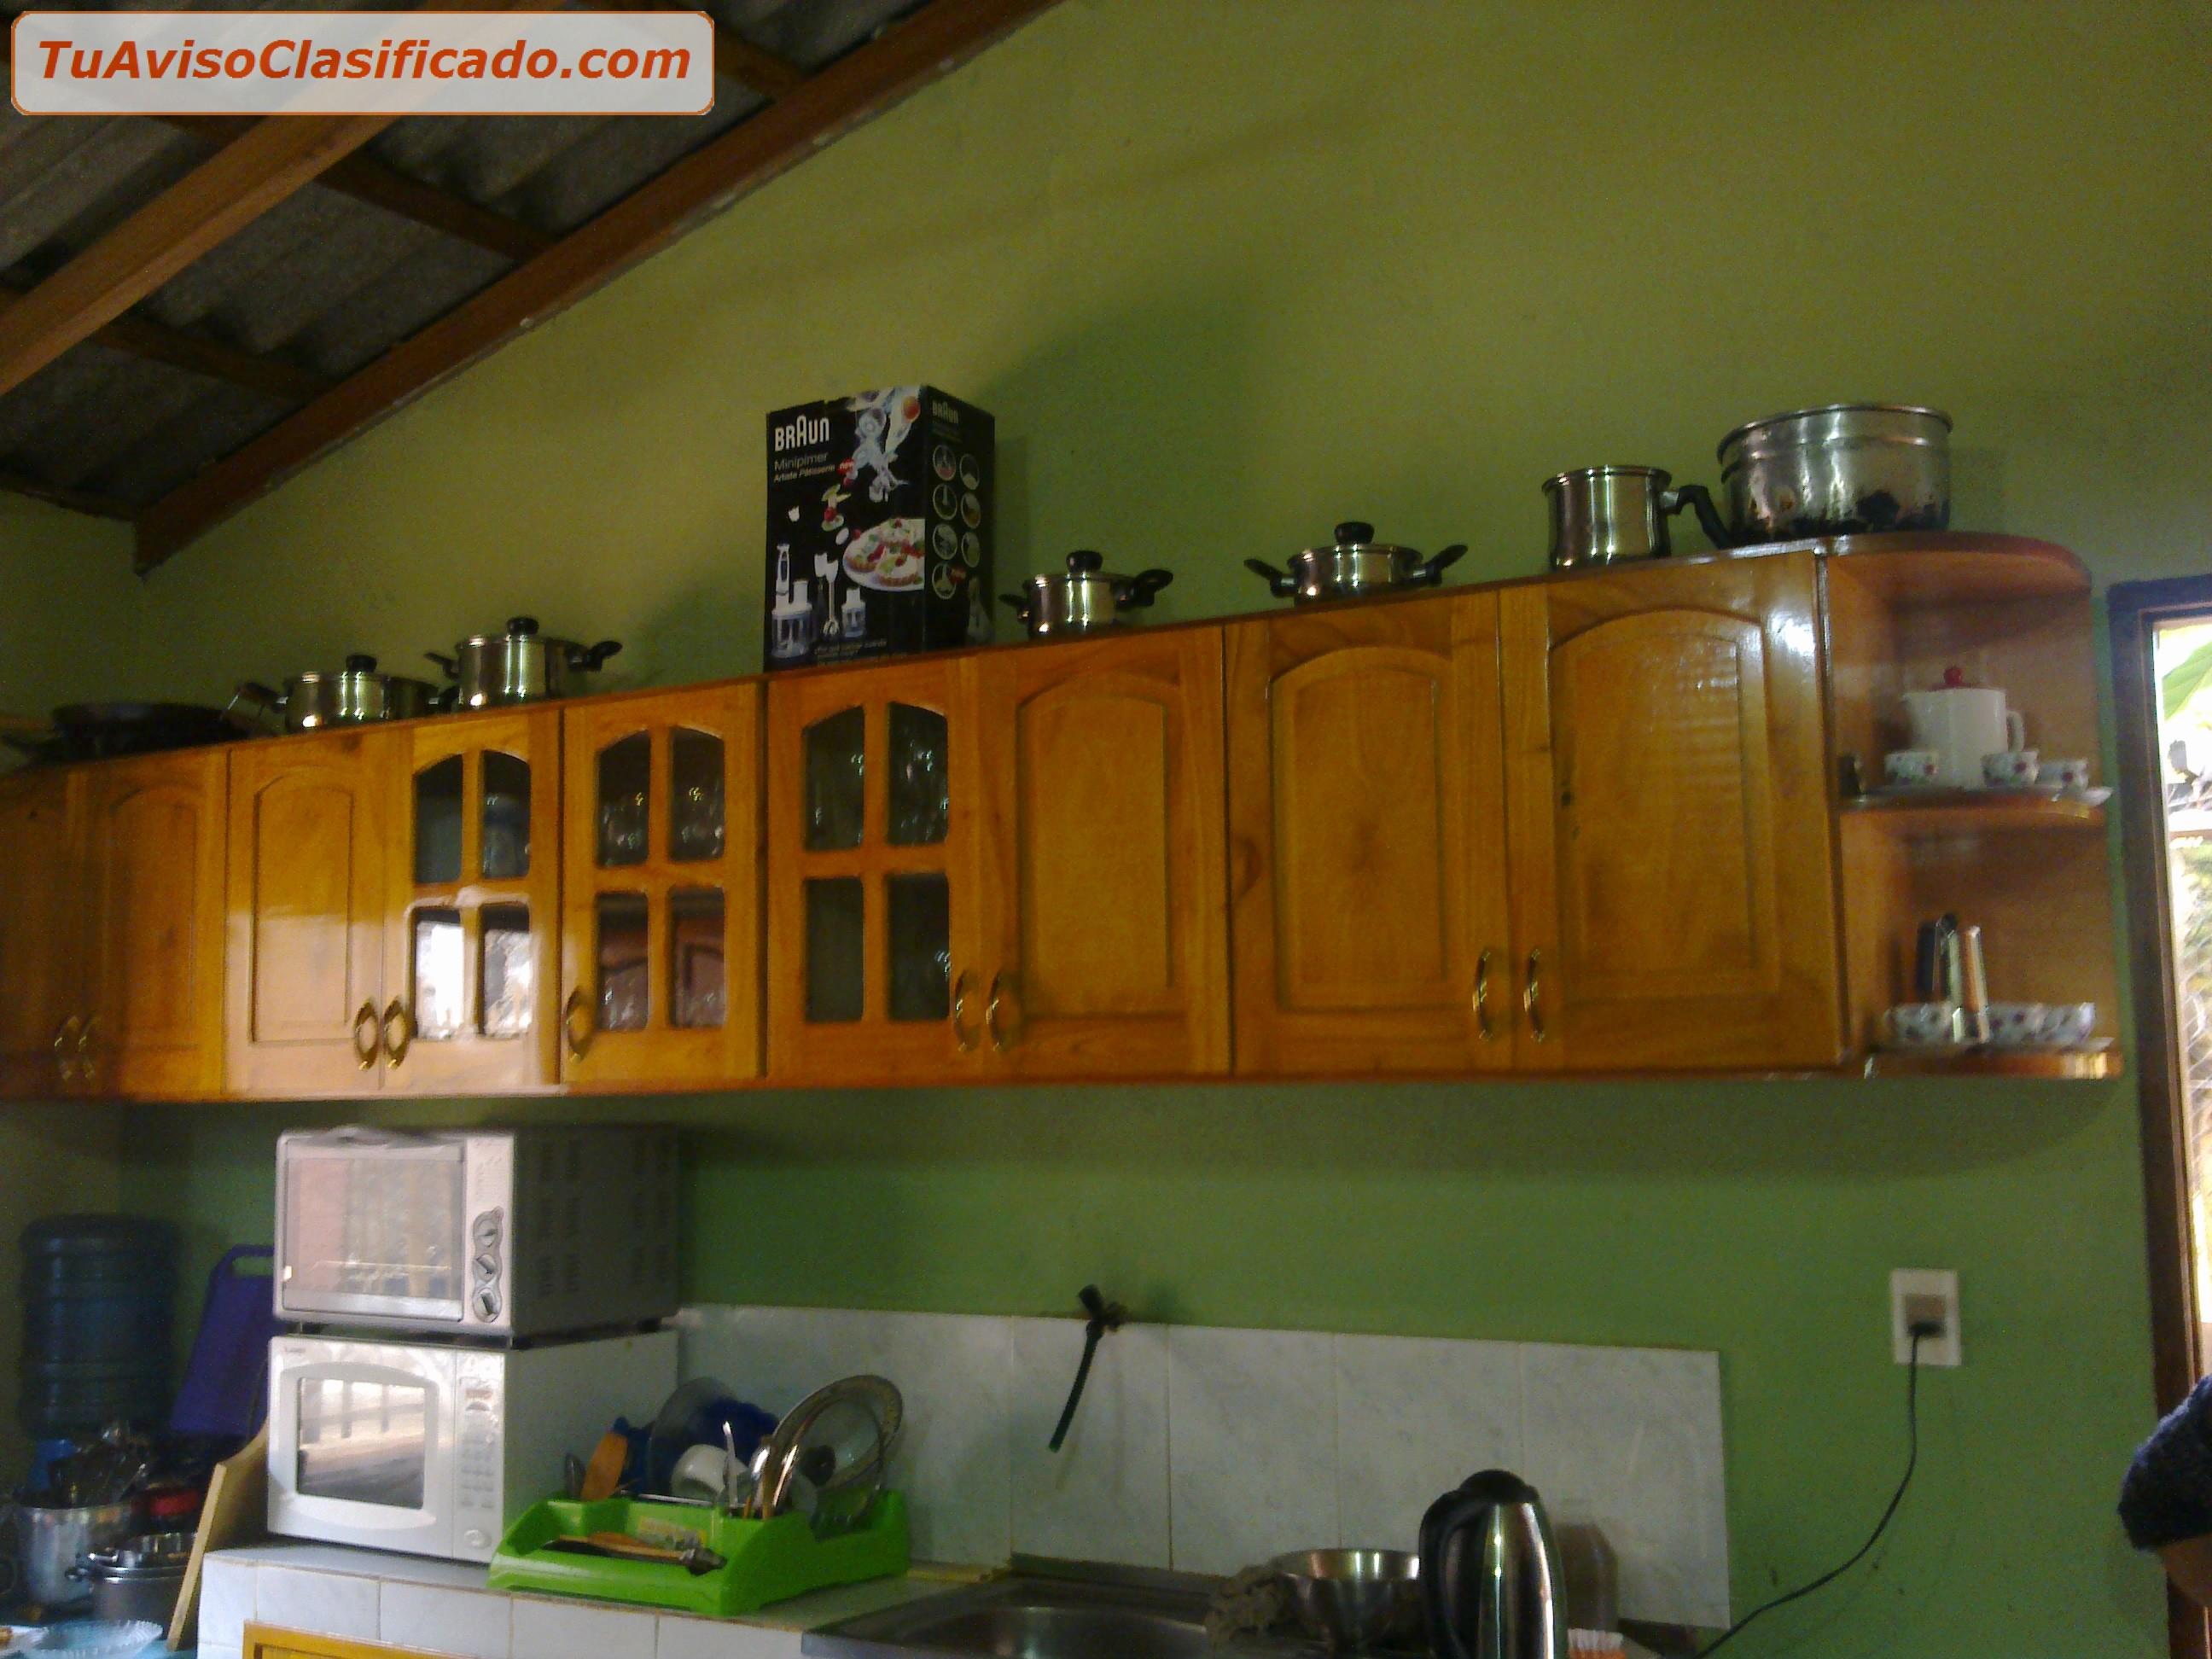 Muebles de cocina - Mobiliario y Equipamiento > Cocina - Dpto. ...